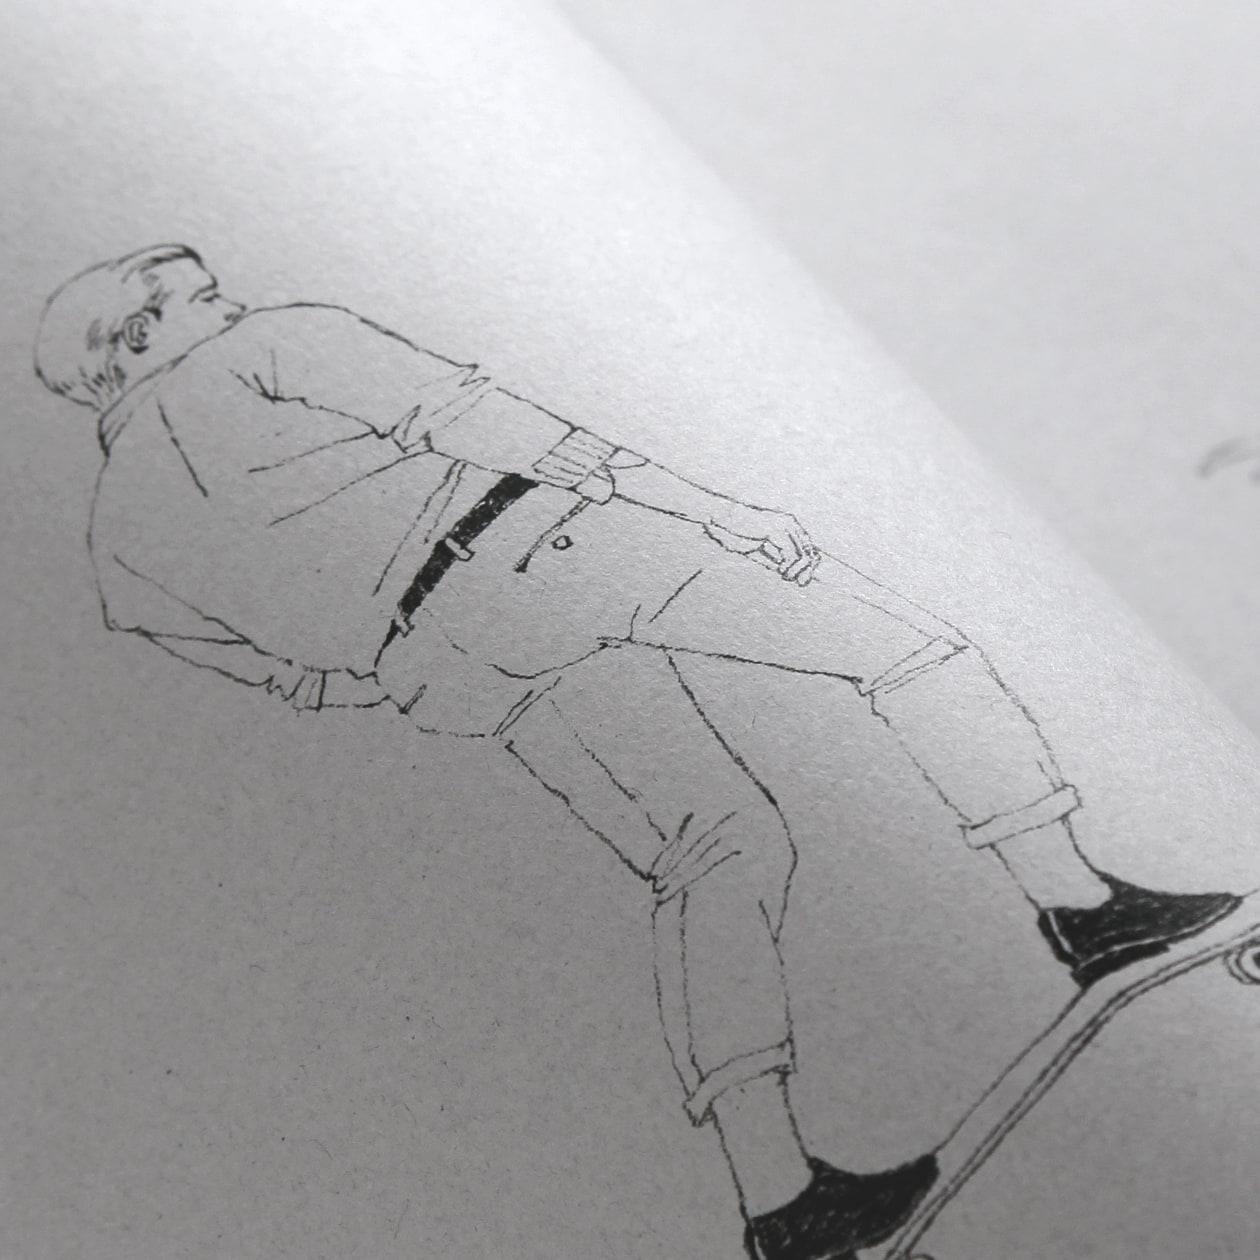 クラフト感のある再生紙でつくる鉛筆画の作品集